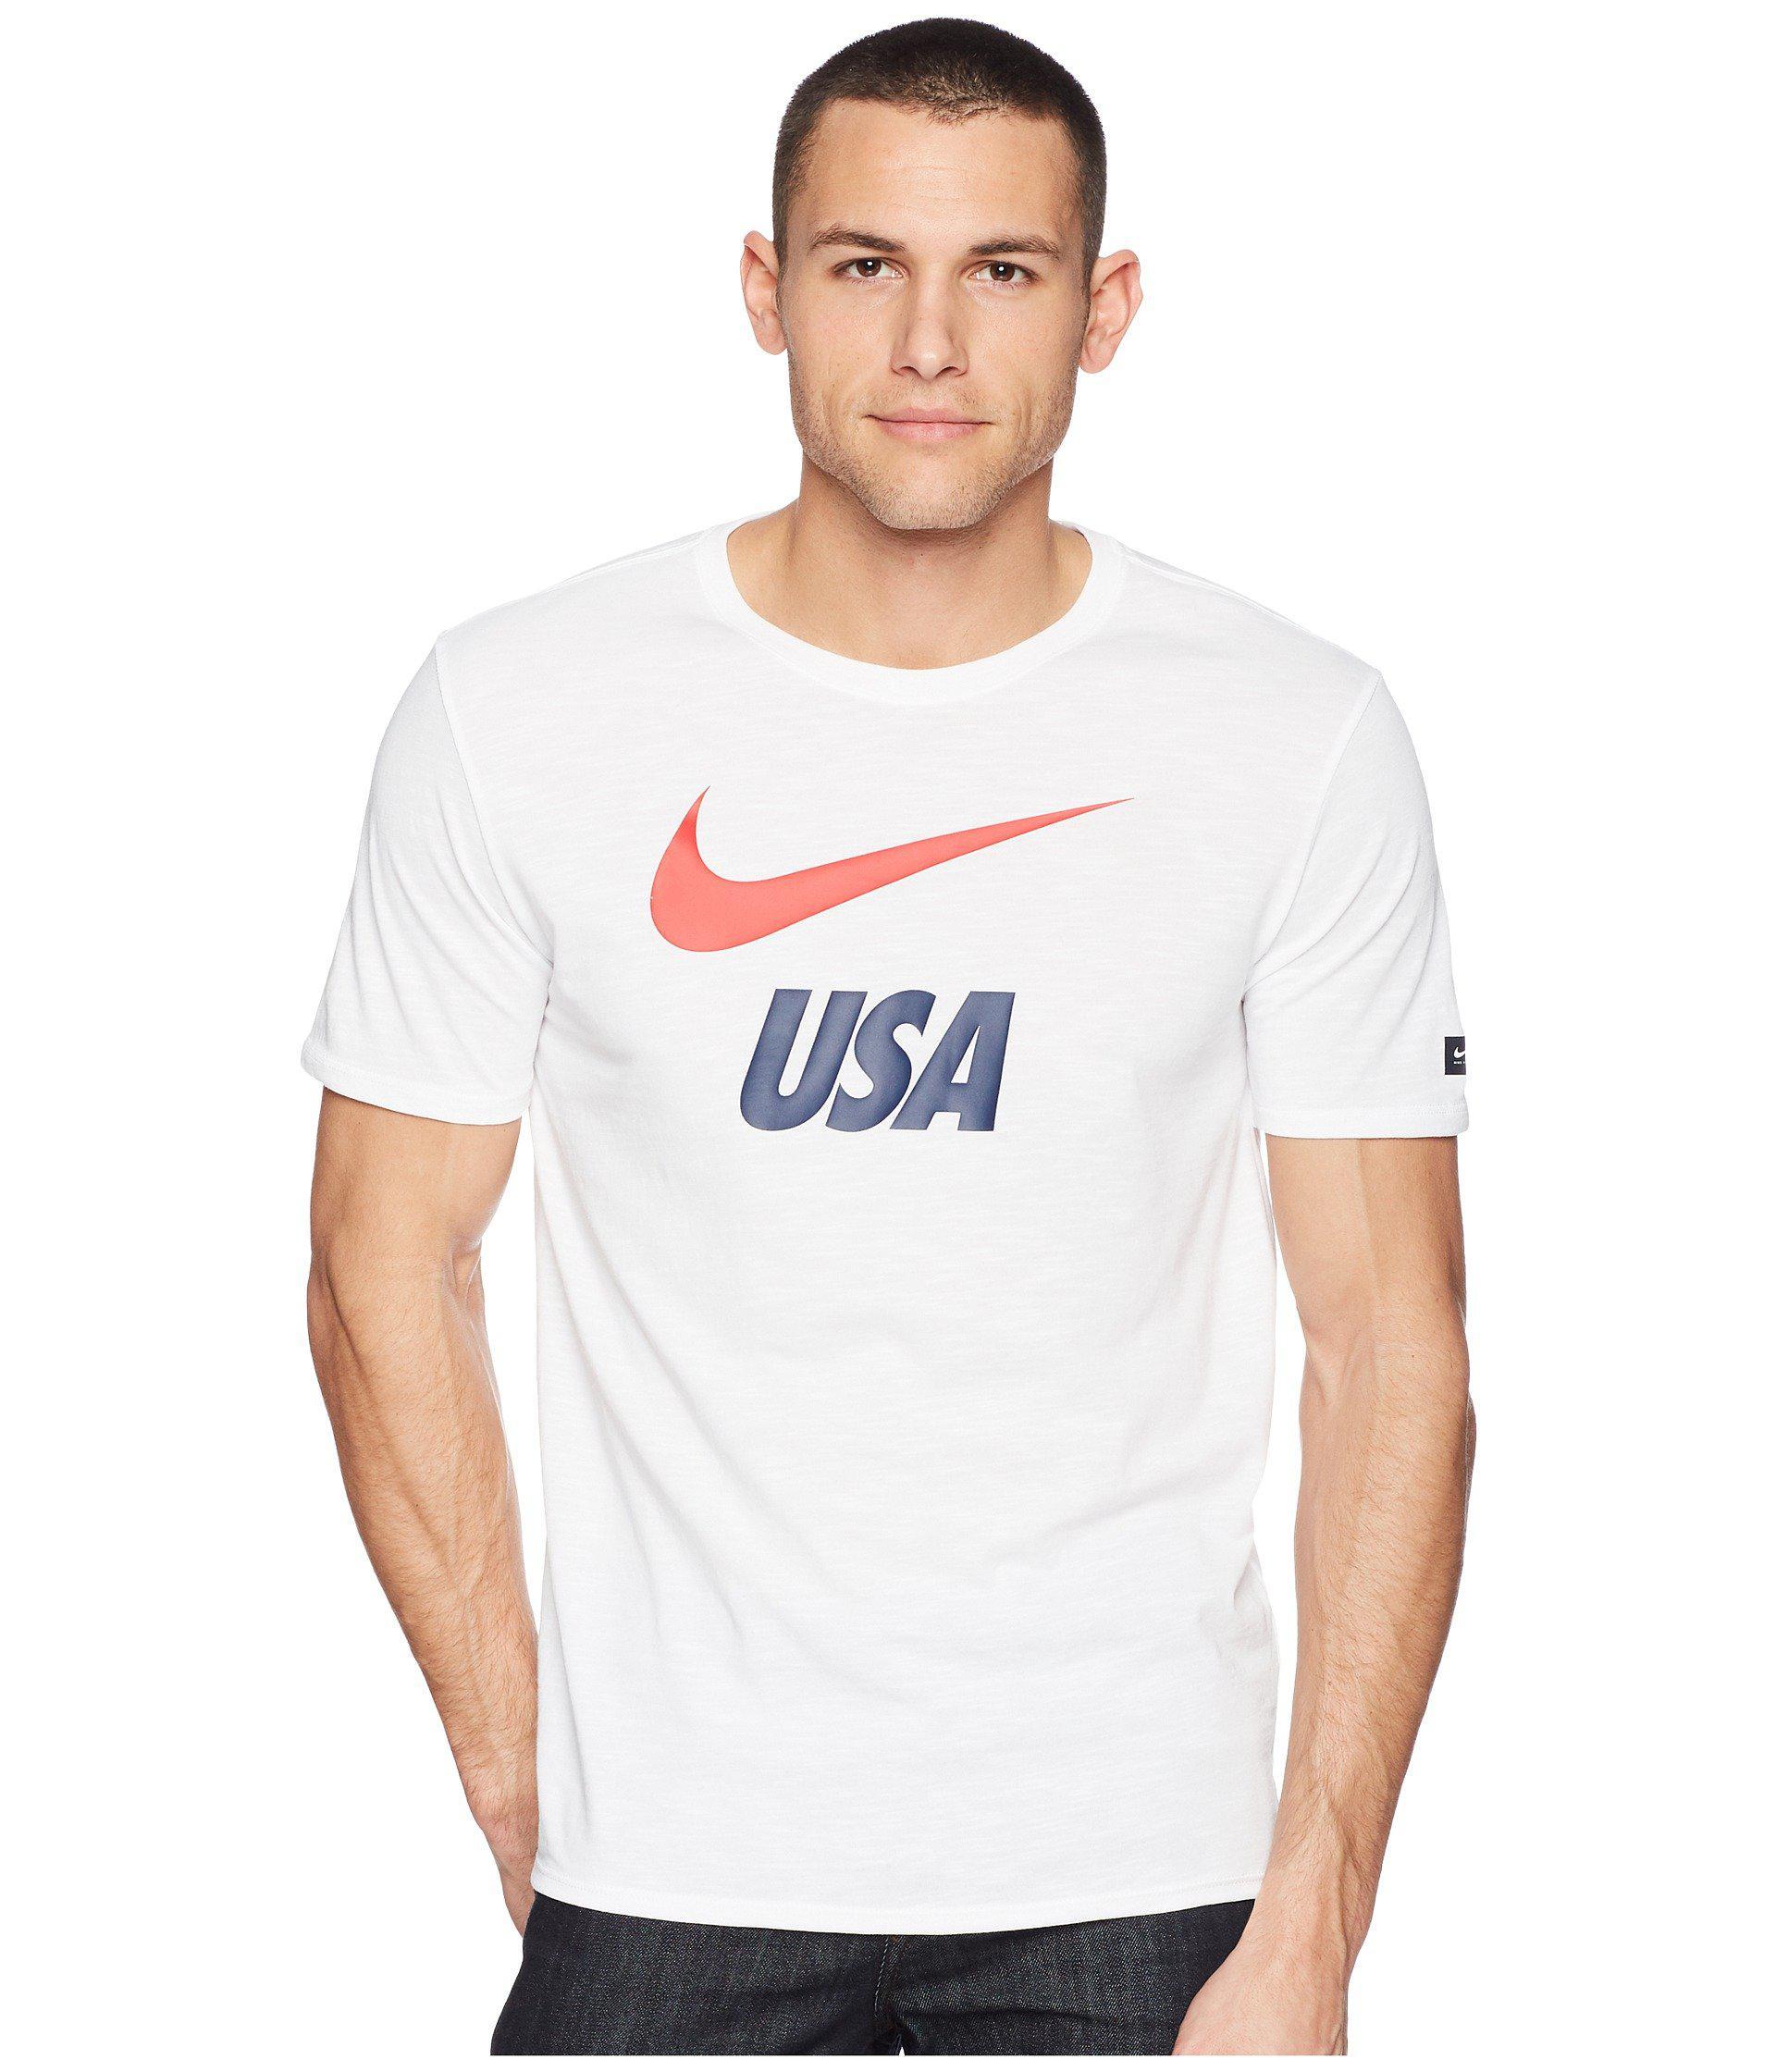 ad0eb9a9f101e Lyst - Nike Usa Dry Tee Slub Preseason (university Red) Men s T ...